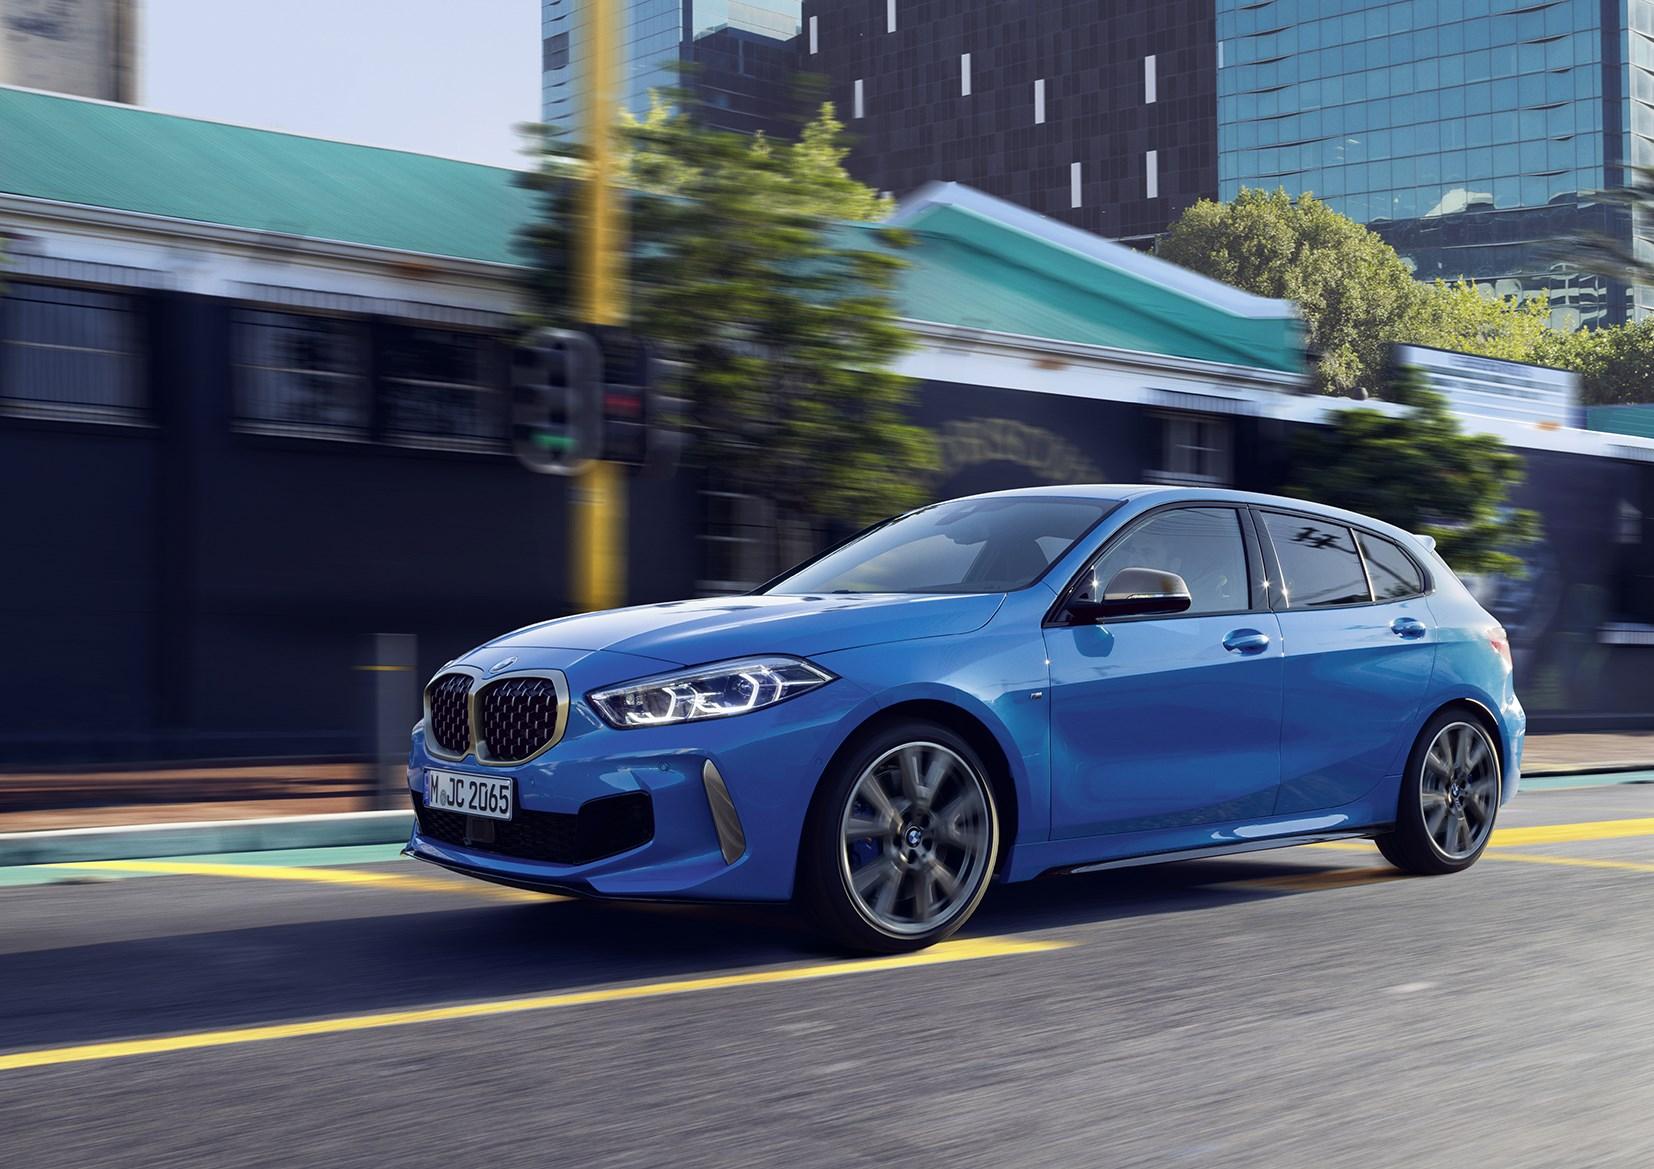 独BMW、今春に1シリーズ、3シリーズにそれぞれ2リッターの新エンジンを設定